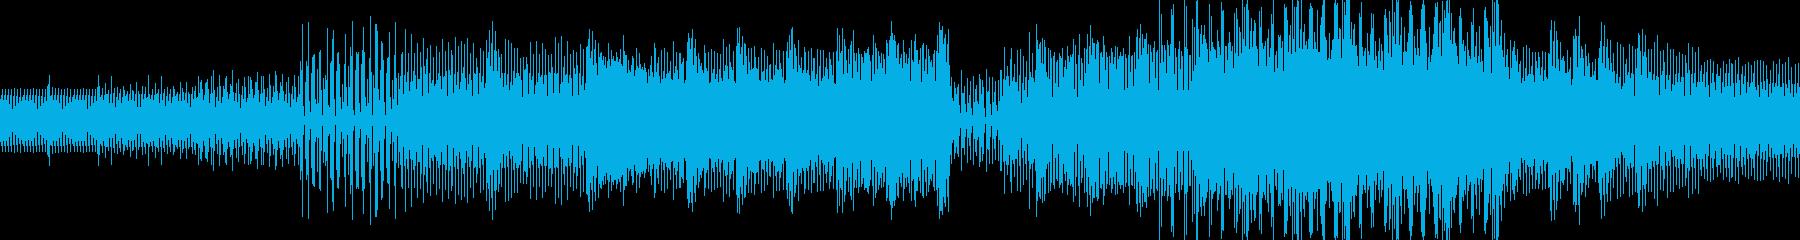 ディープ・ハウス。夜の音楽。テンシ...の再生済みの波形